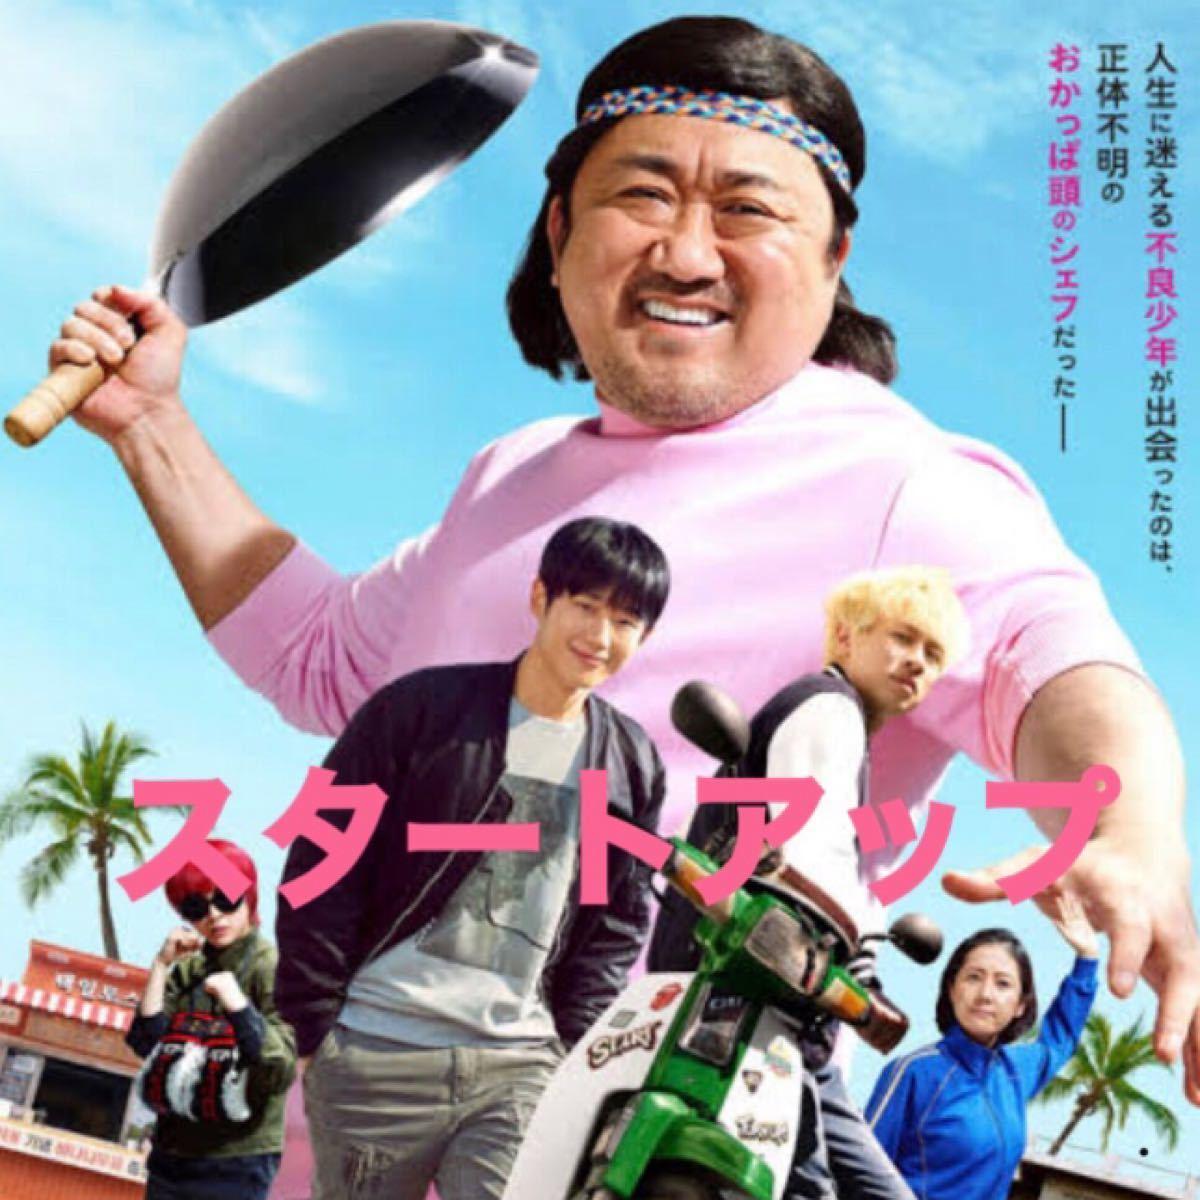 韓国映画  スタートアップ!  マ・ドンソク  パク・ジョンミン  DVD  レーベル有り